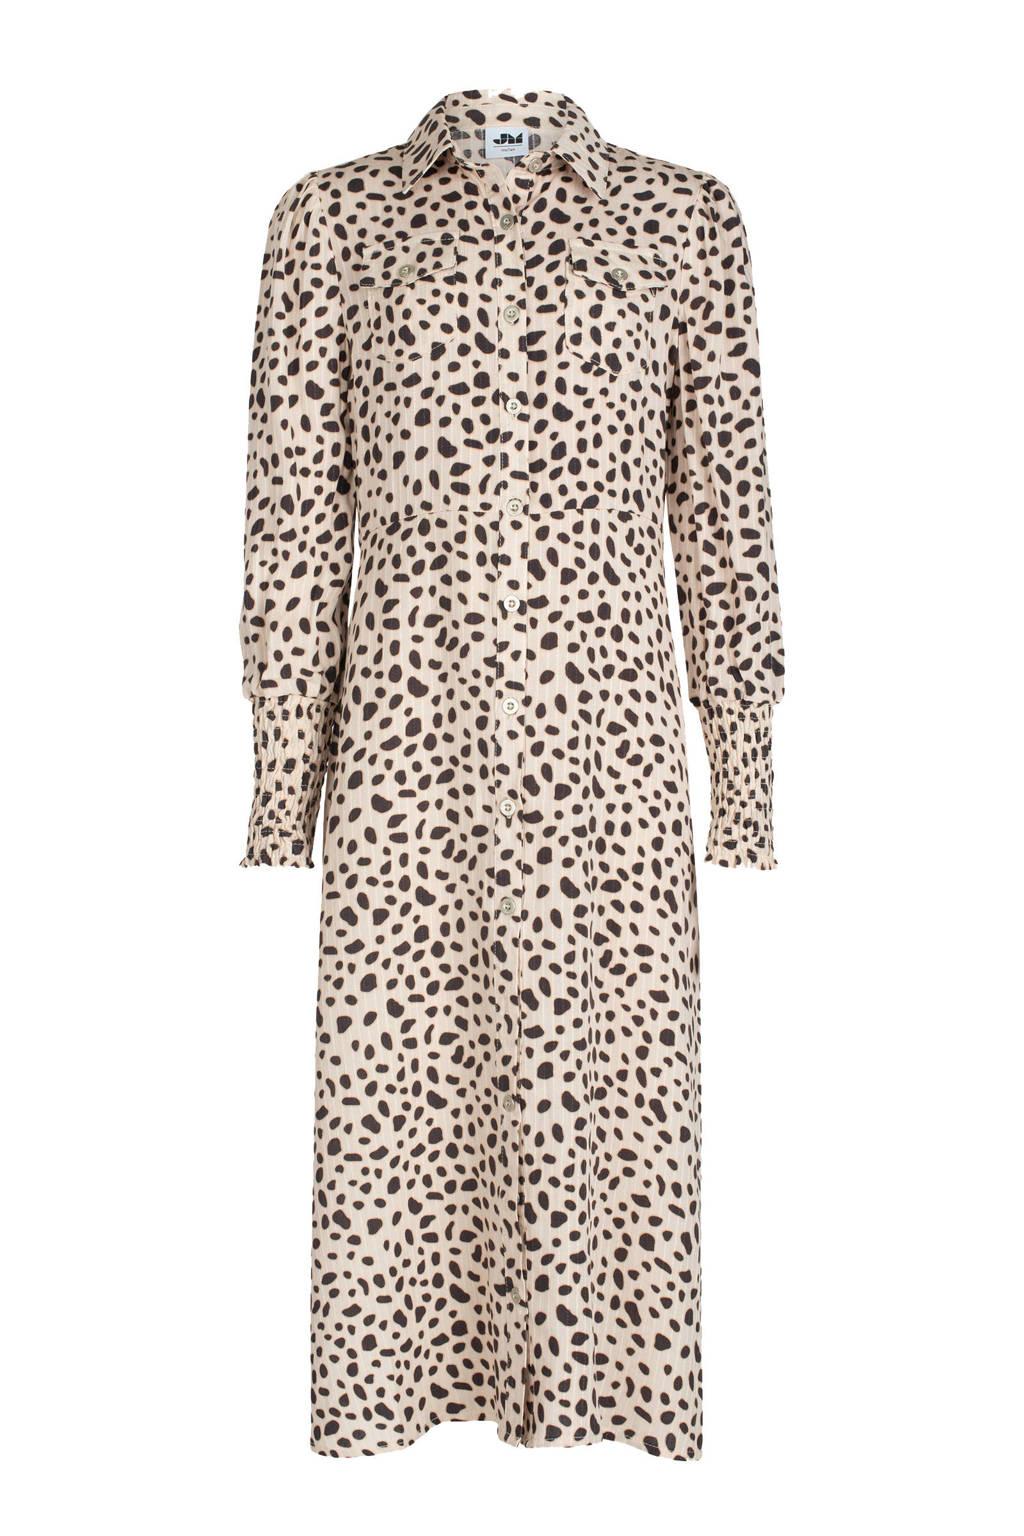 Shoeby Jill & Mitch getailleerde blousejurk Kan met all over print ecru/zwart, Ecru/zwart